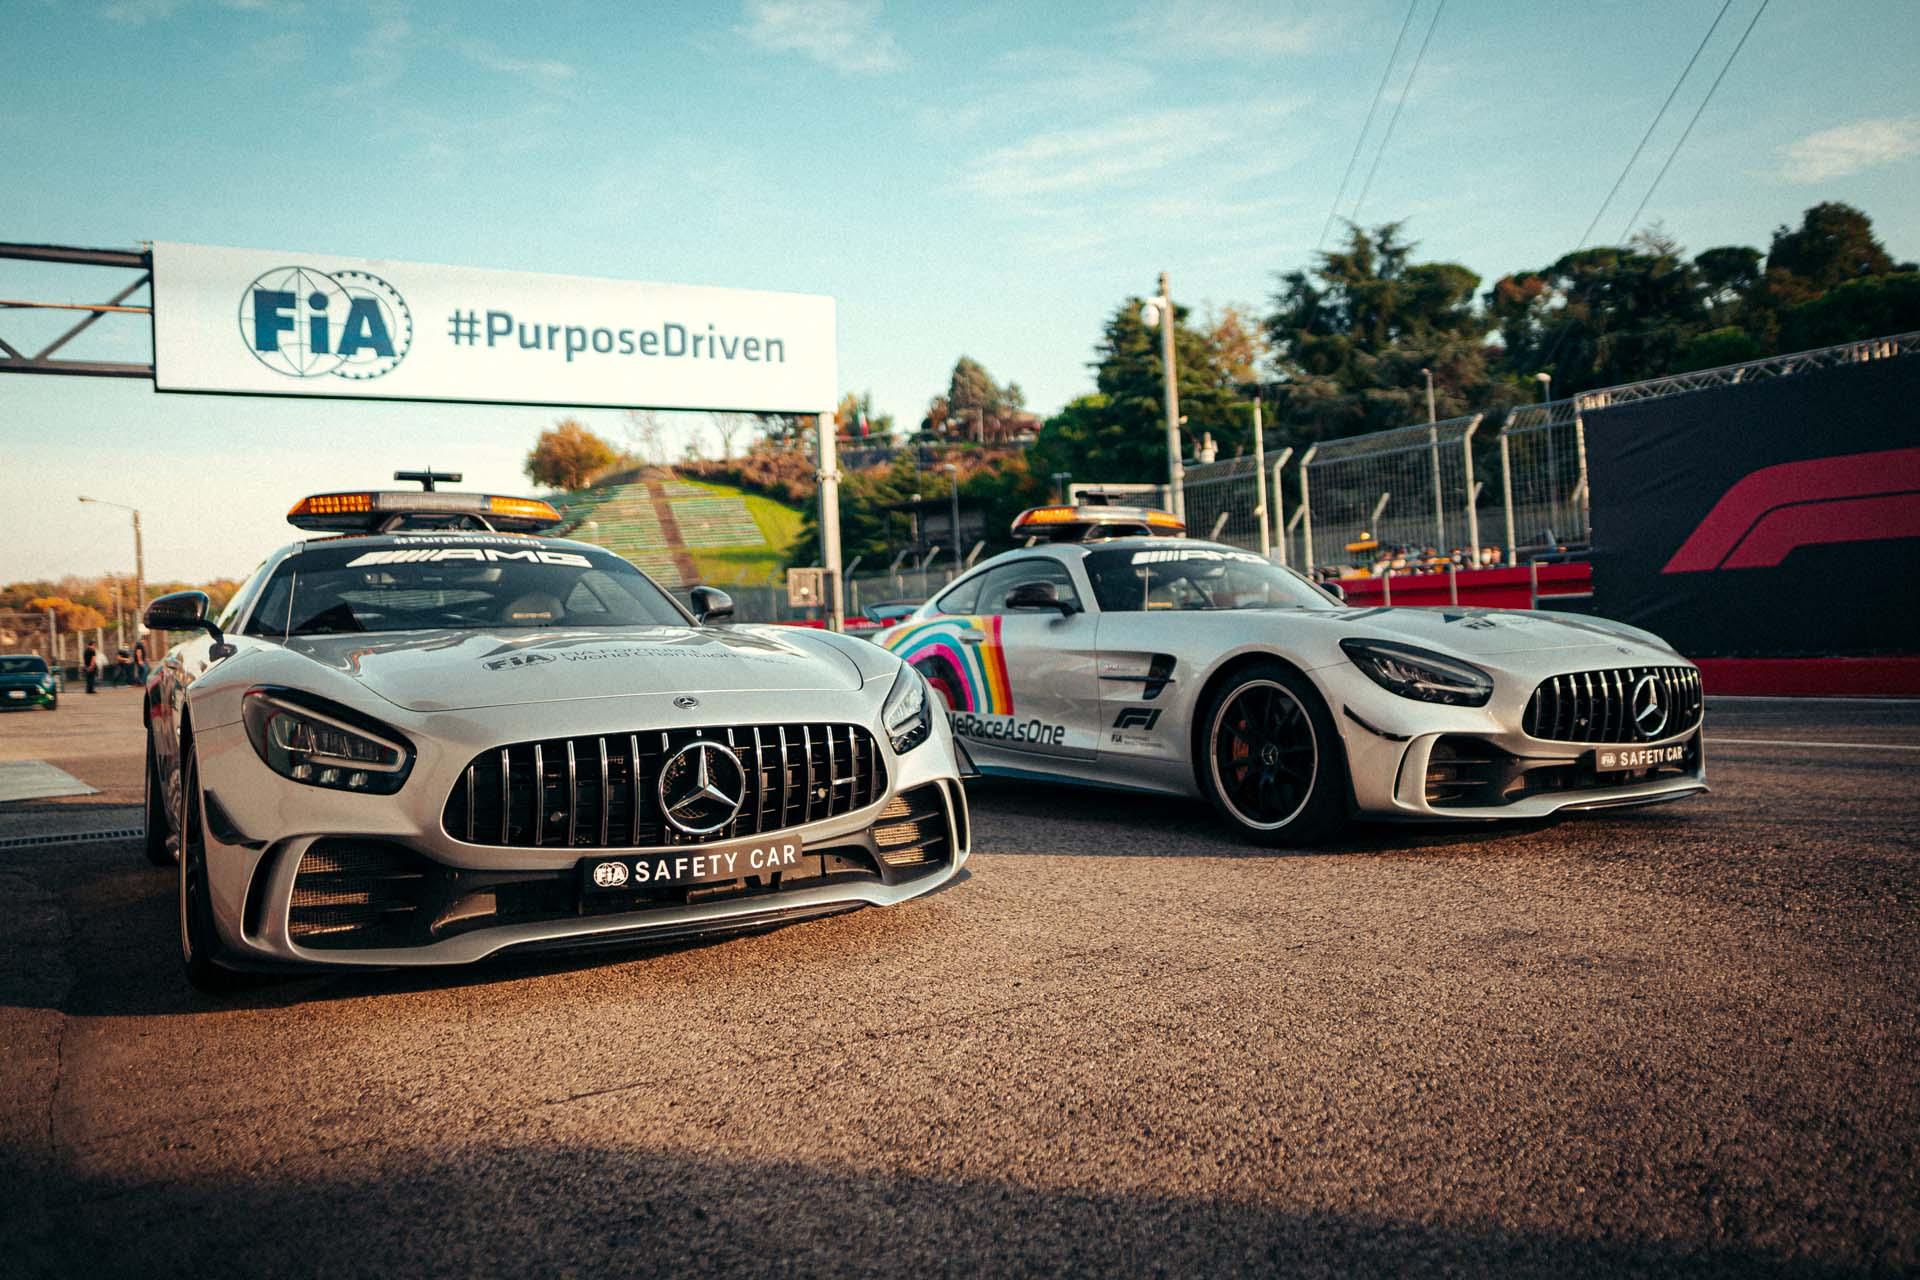 2020 Emilia Romagna Grand Prix, Friday - Sebastian Kawka